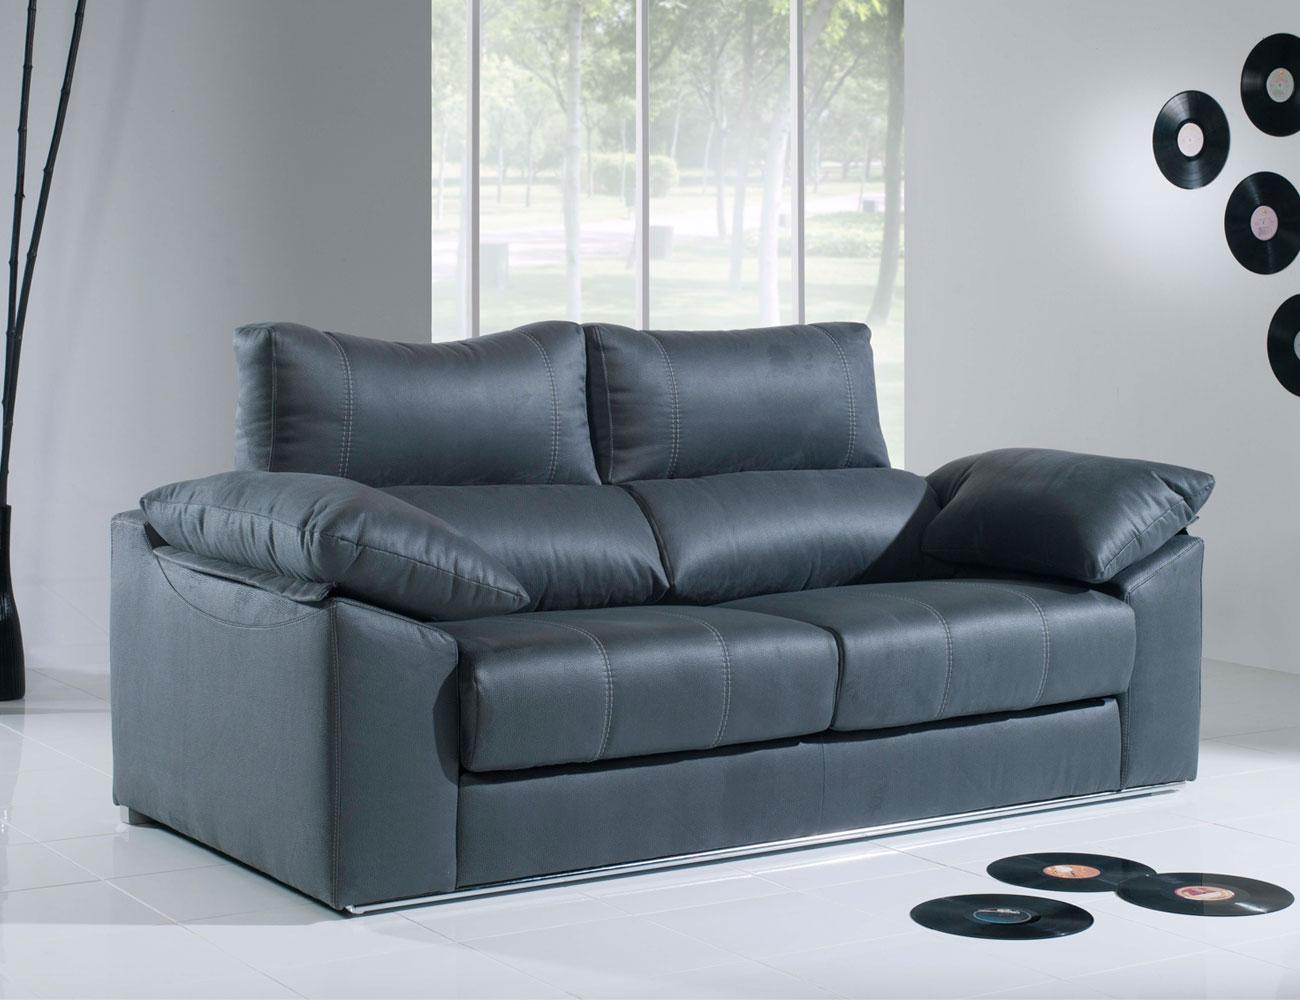 Sofa 3 plazas moderno con barra32